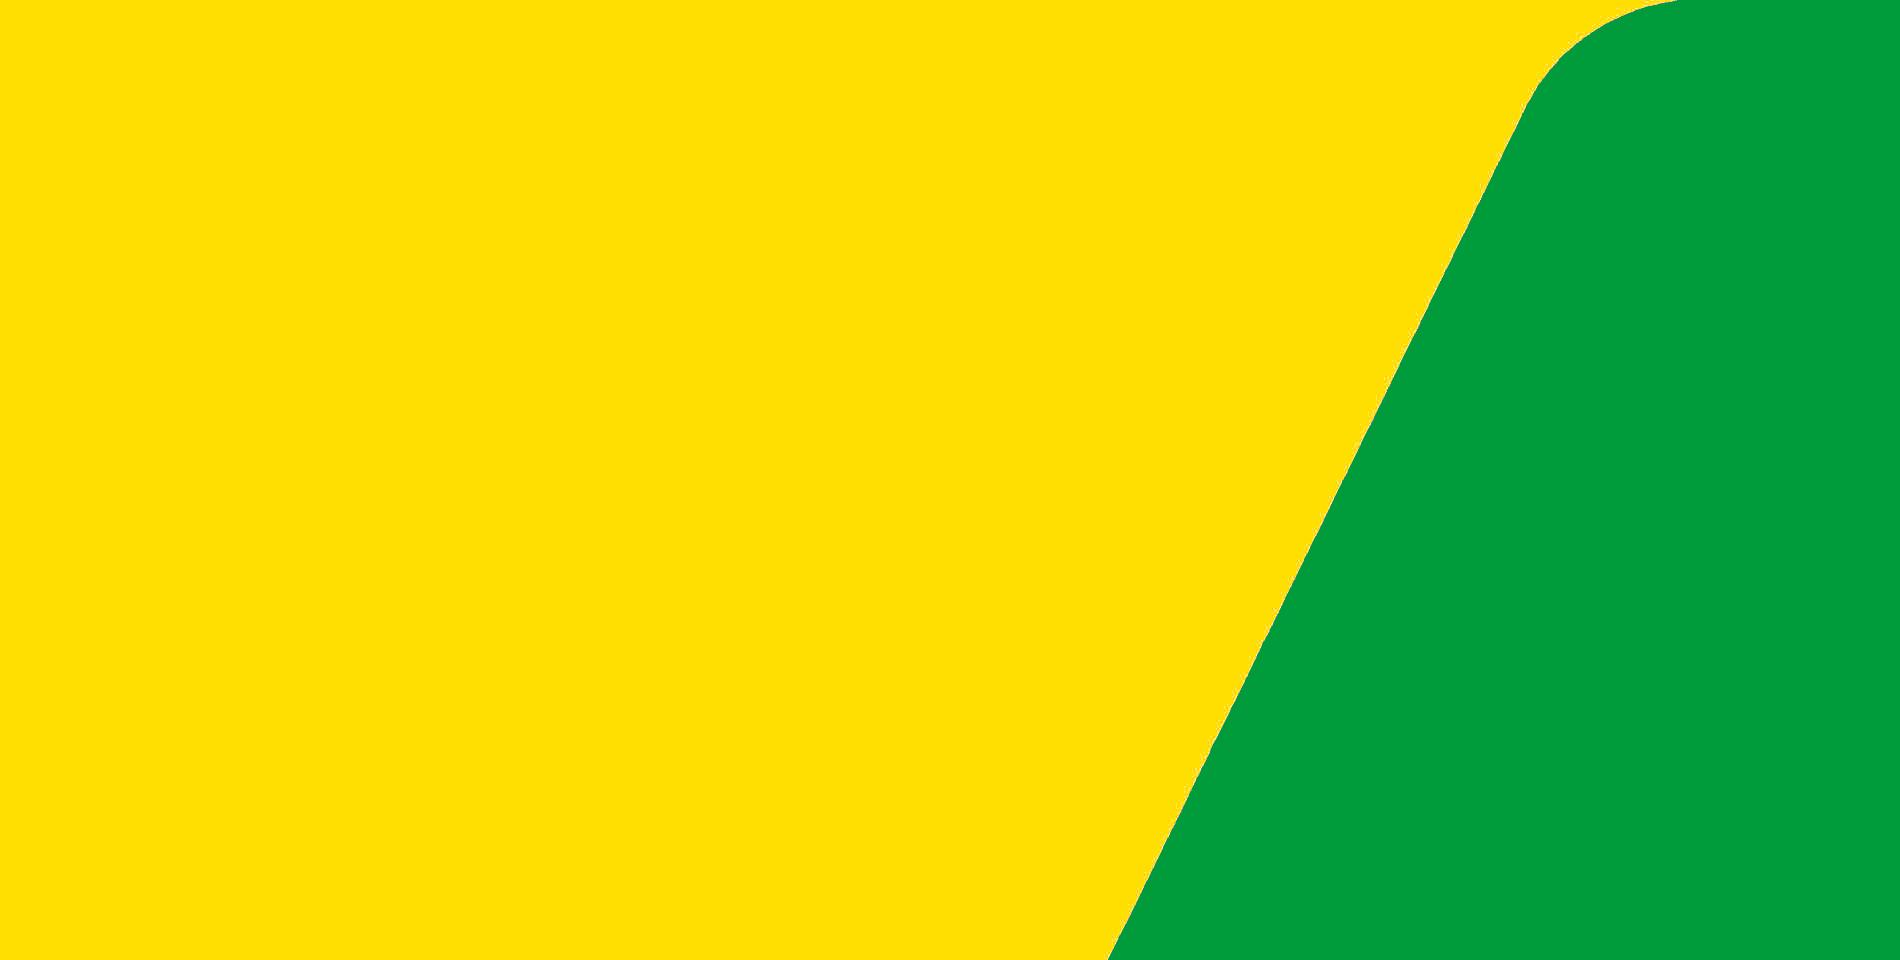 بی جی برازیل